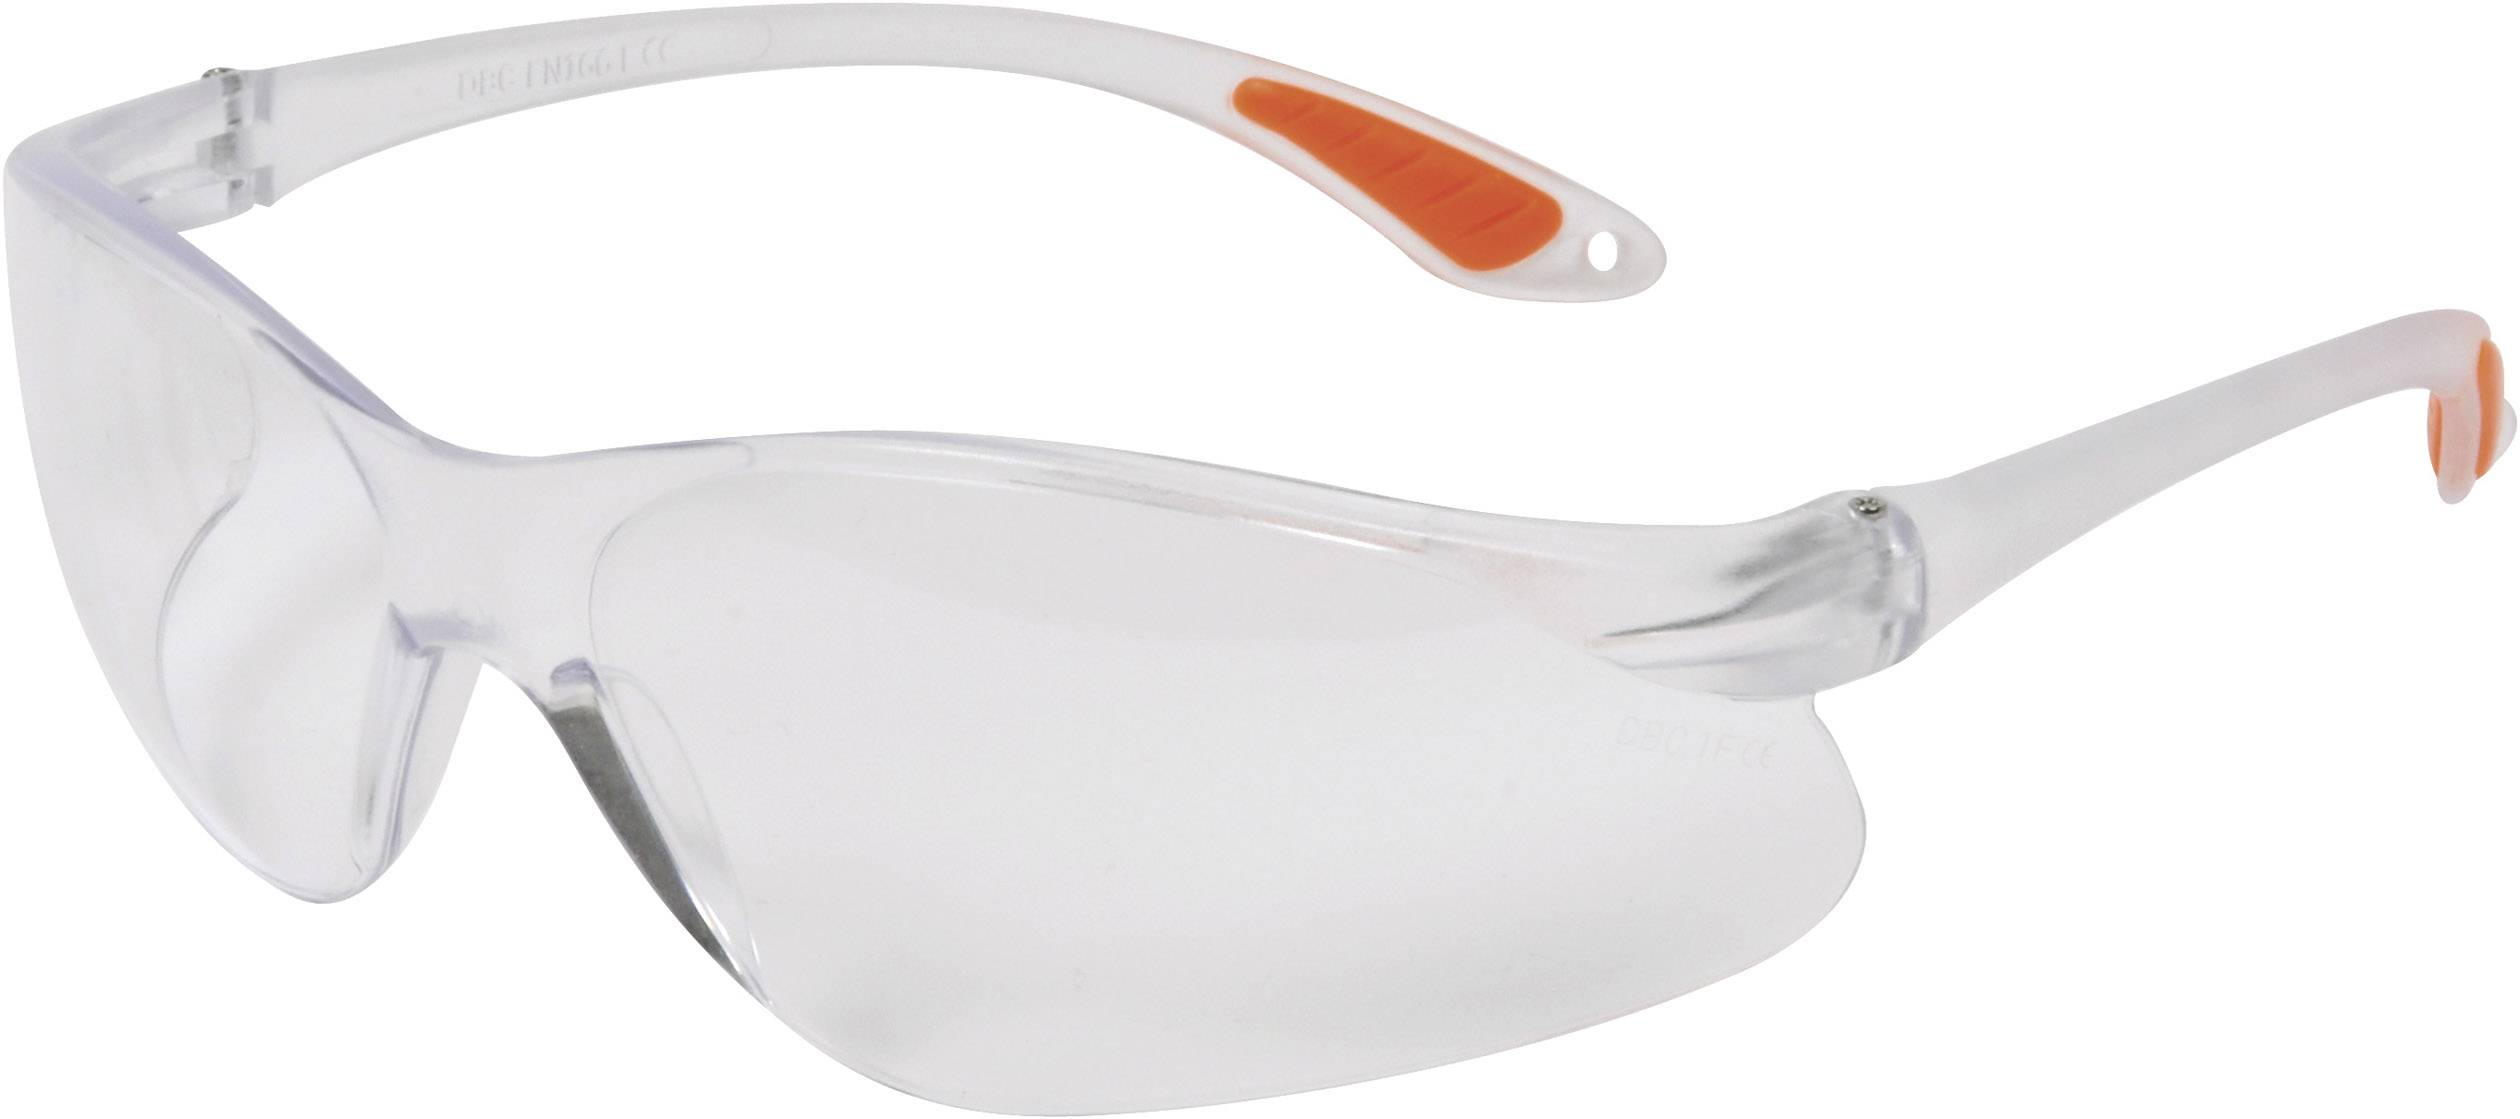 Ochranné brýle AVIT AV13021